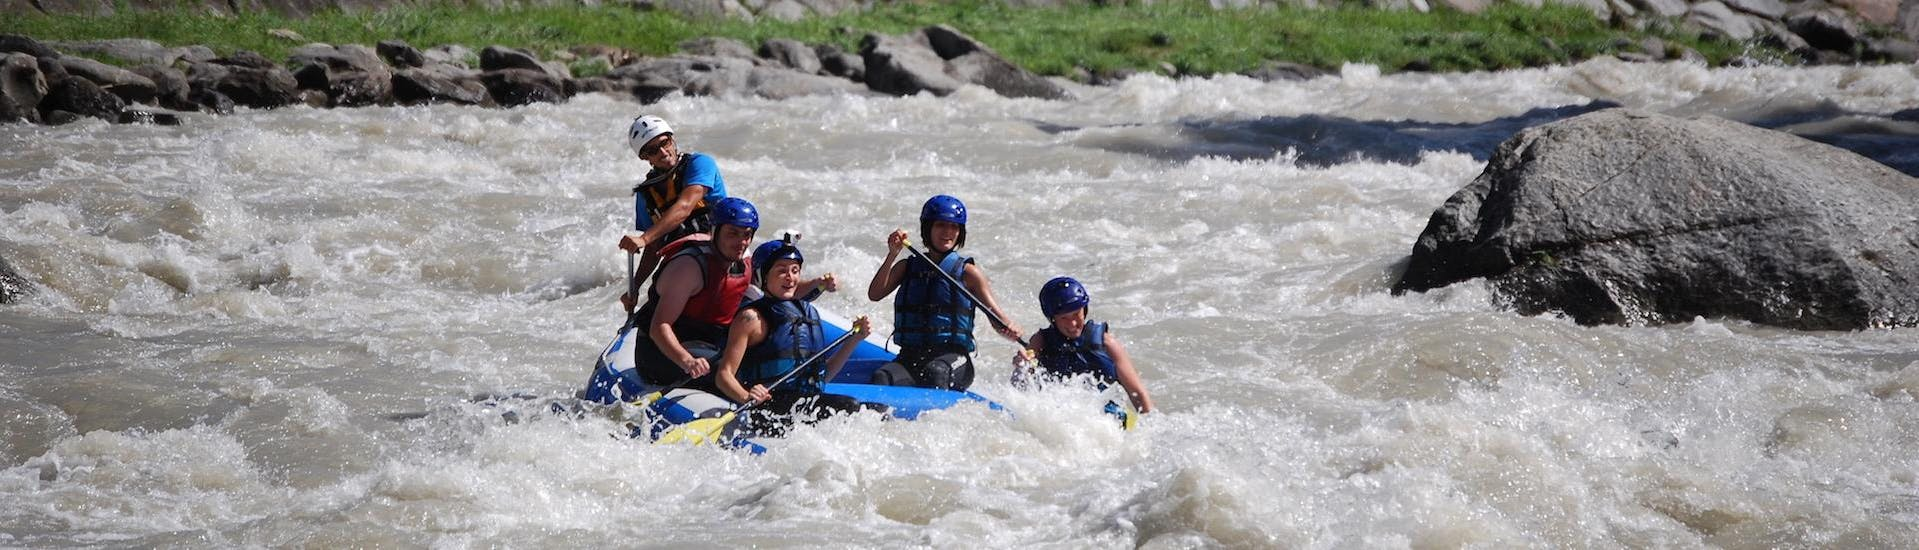 Rafting 2 Run 2 Fun on the Adda River